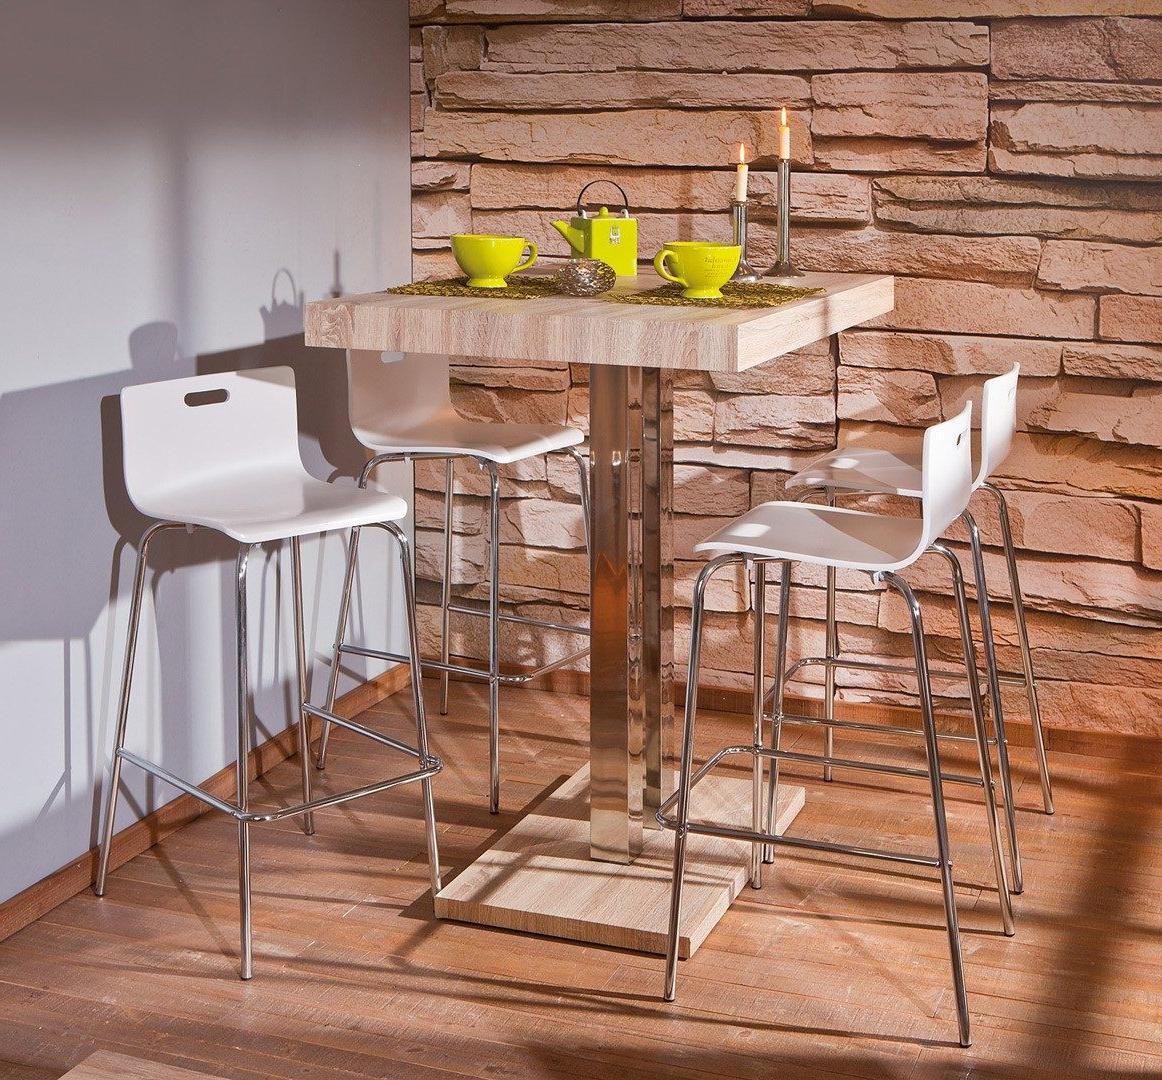 Mesas De Cocina Altas Irdz Mesa De Cocina Alta Con Pedestal Imà Genes Y Fotos